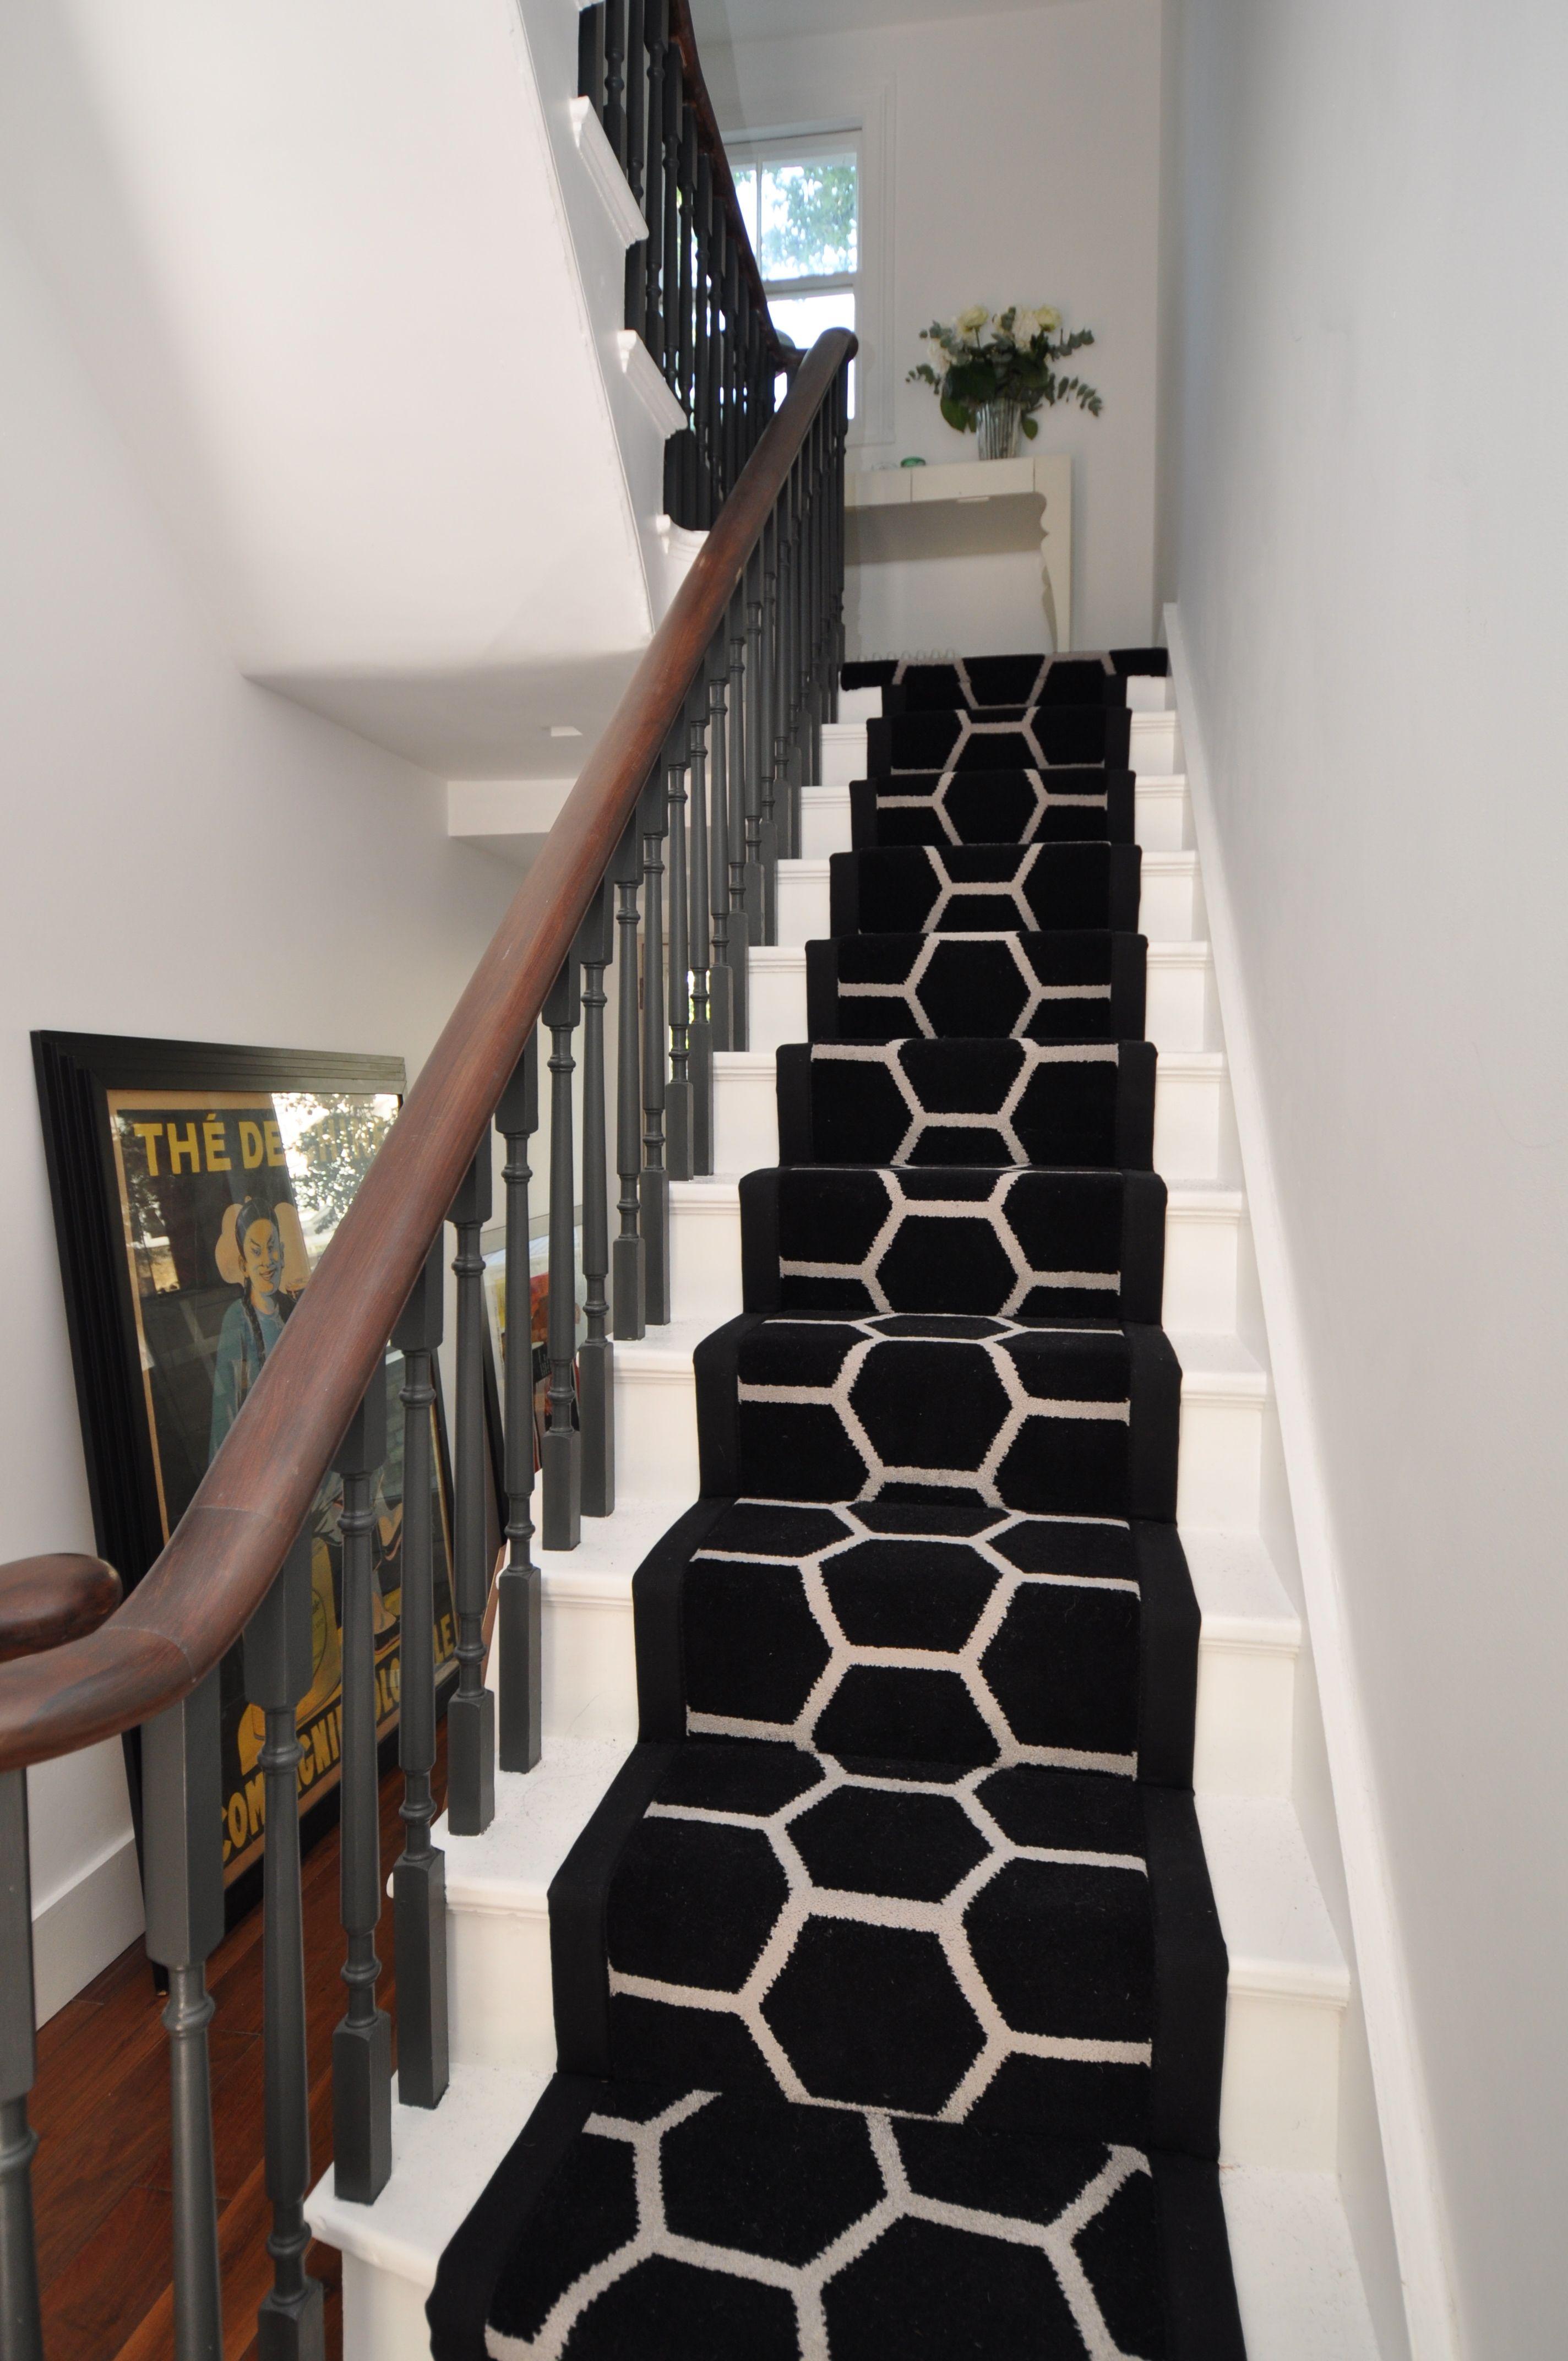 Best 5 008 Bespoke Geometric Carpet Bespoke Geometric Carpet 400 x 300